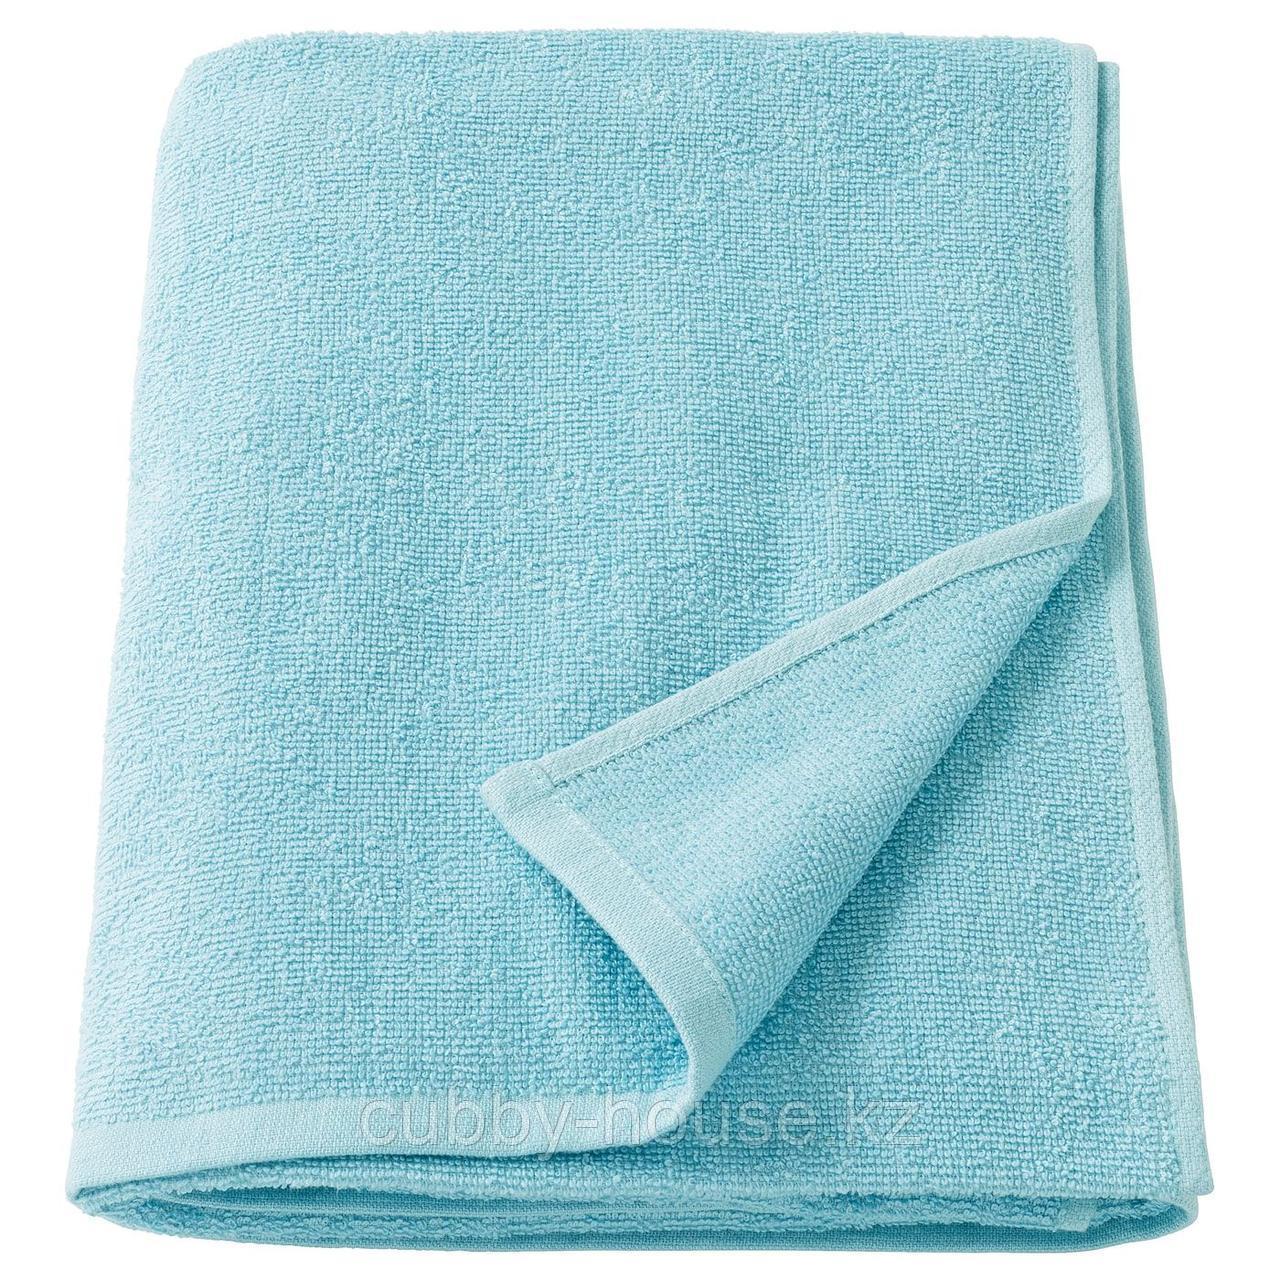 КОРНАН Простыня банная, голубой, 100x150 см